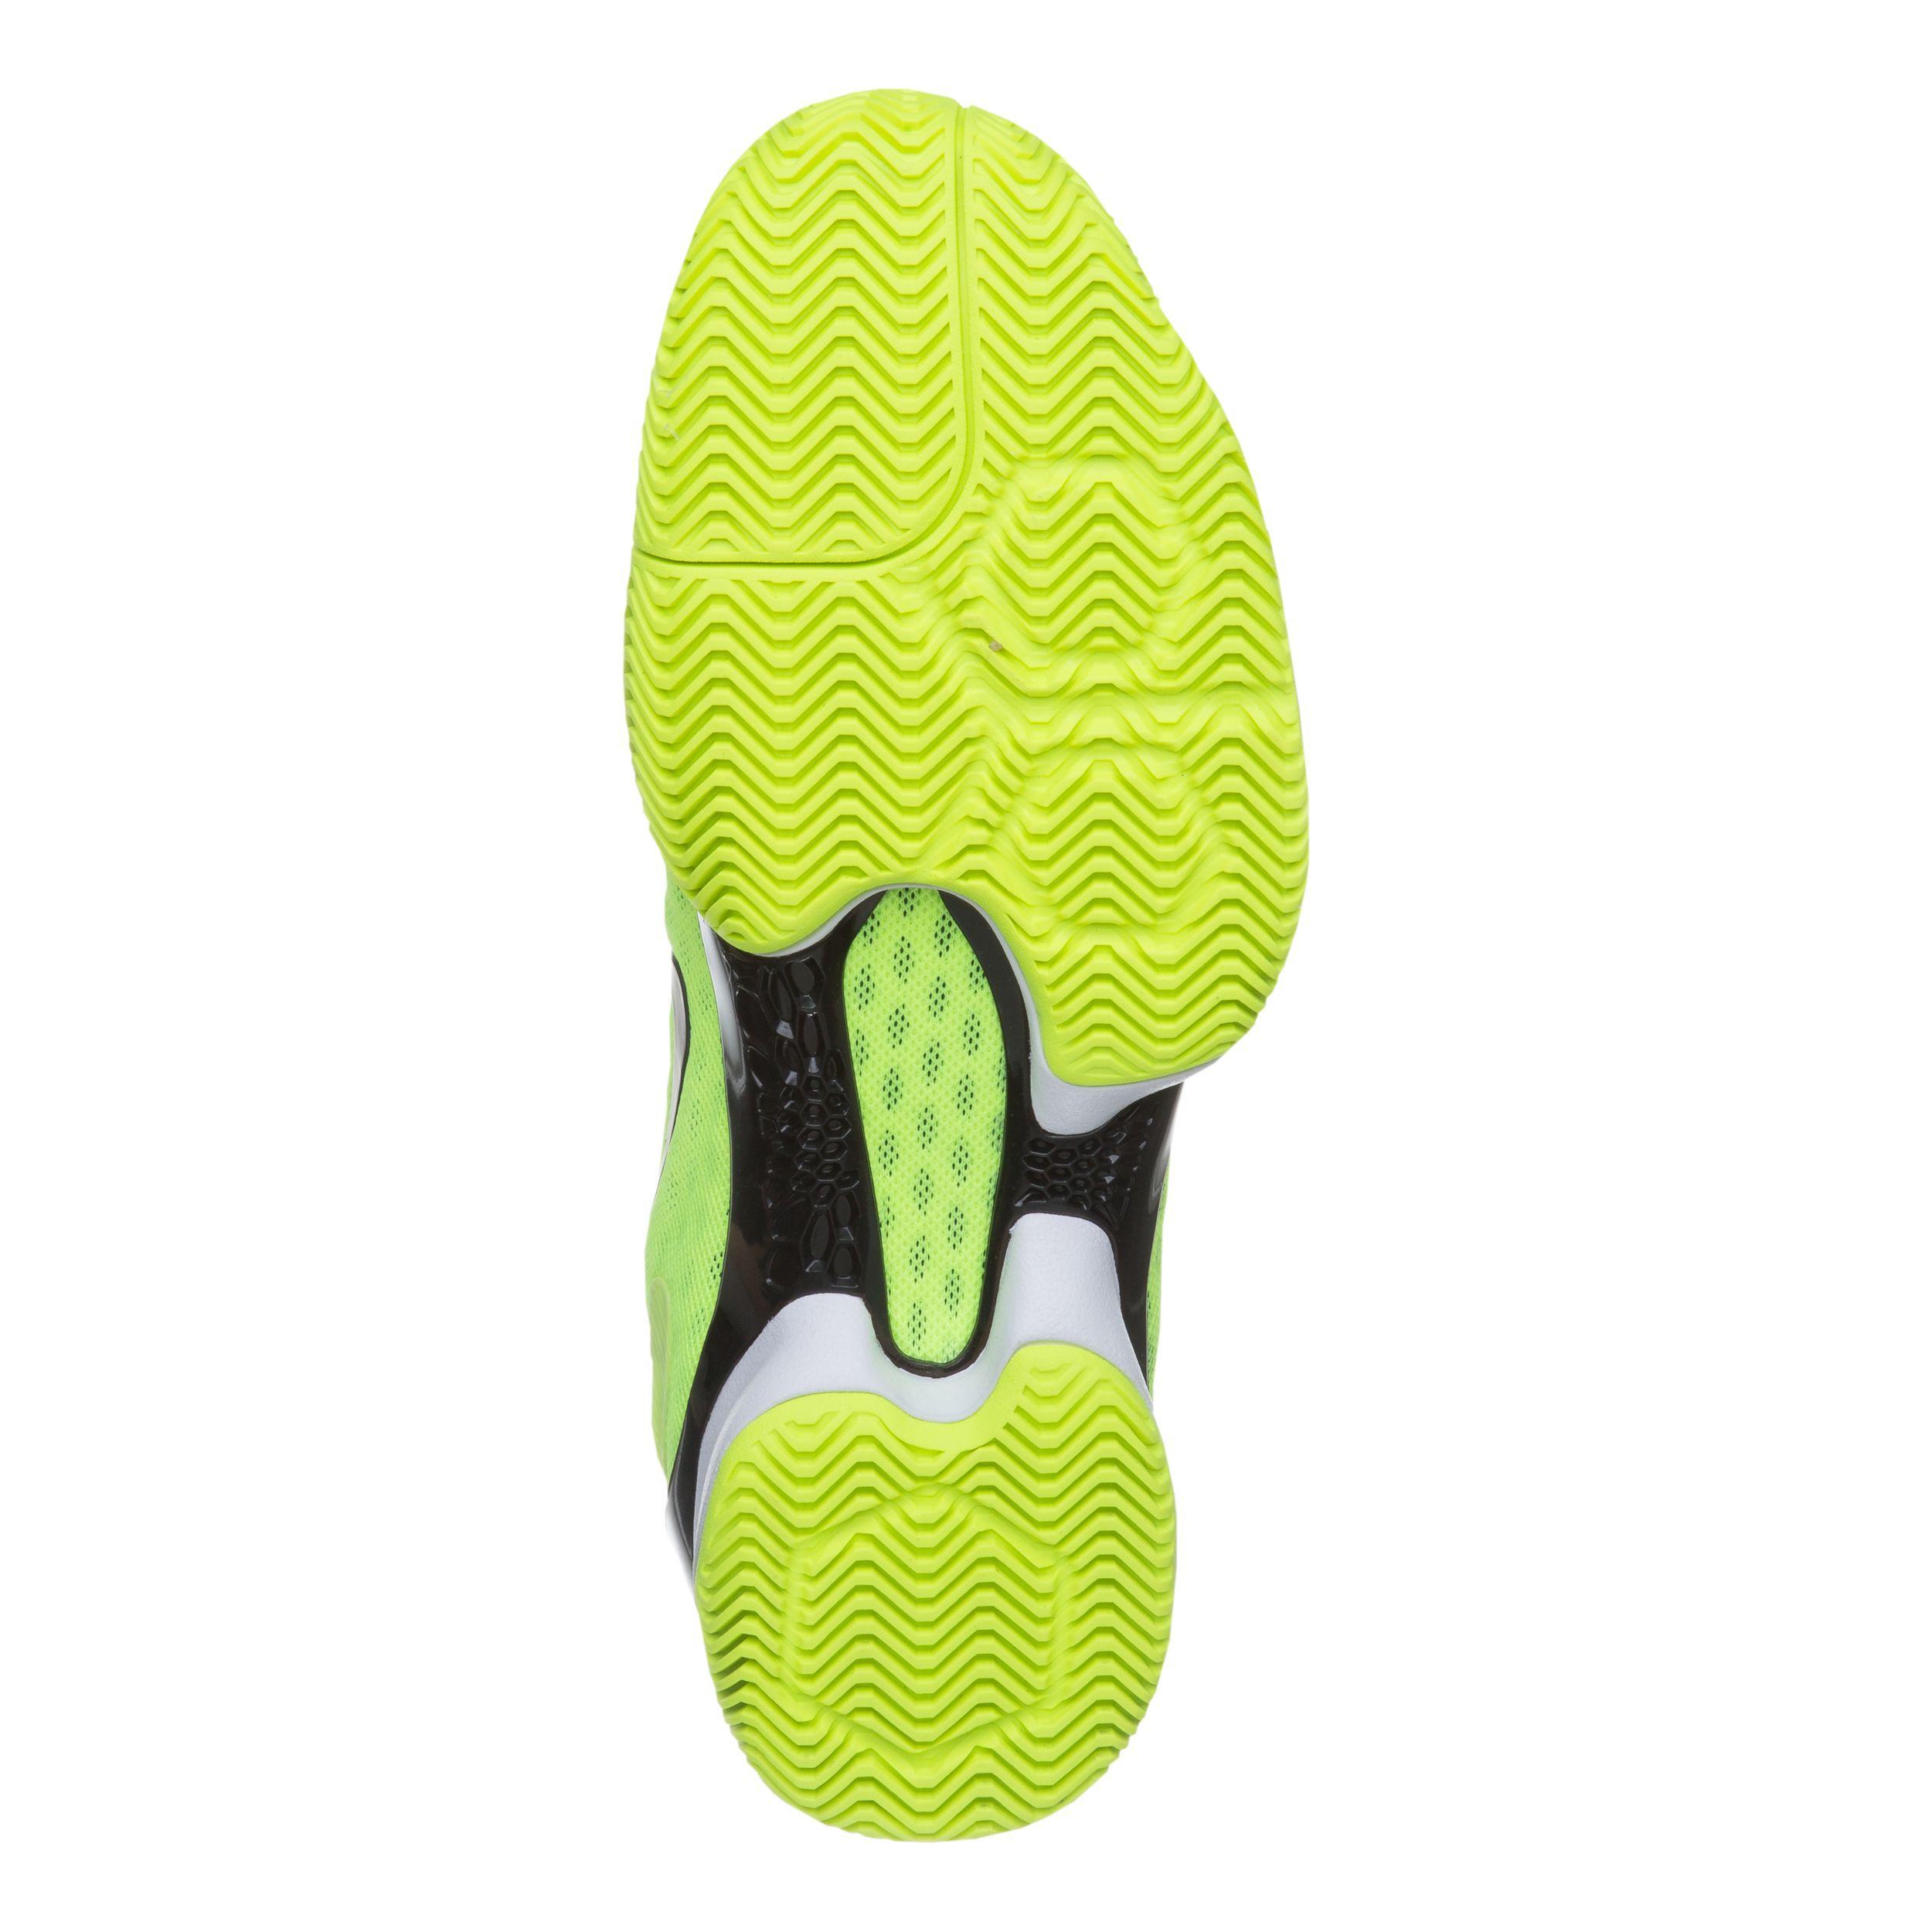 Nike Air Zoom Ultra React Allcourtschuh Exklusiv Herren Neongelb, Schwarz